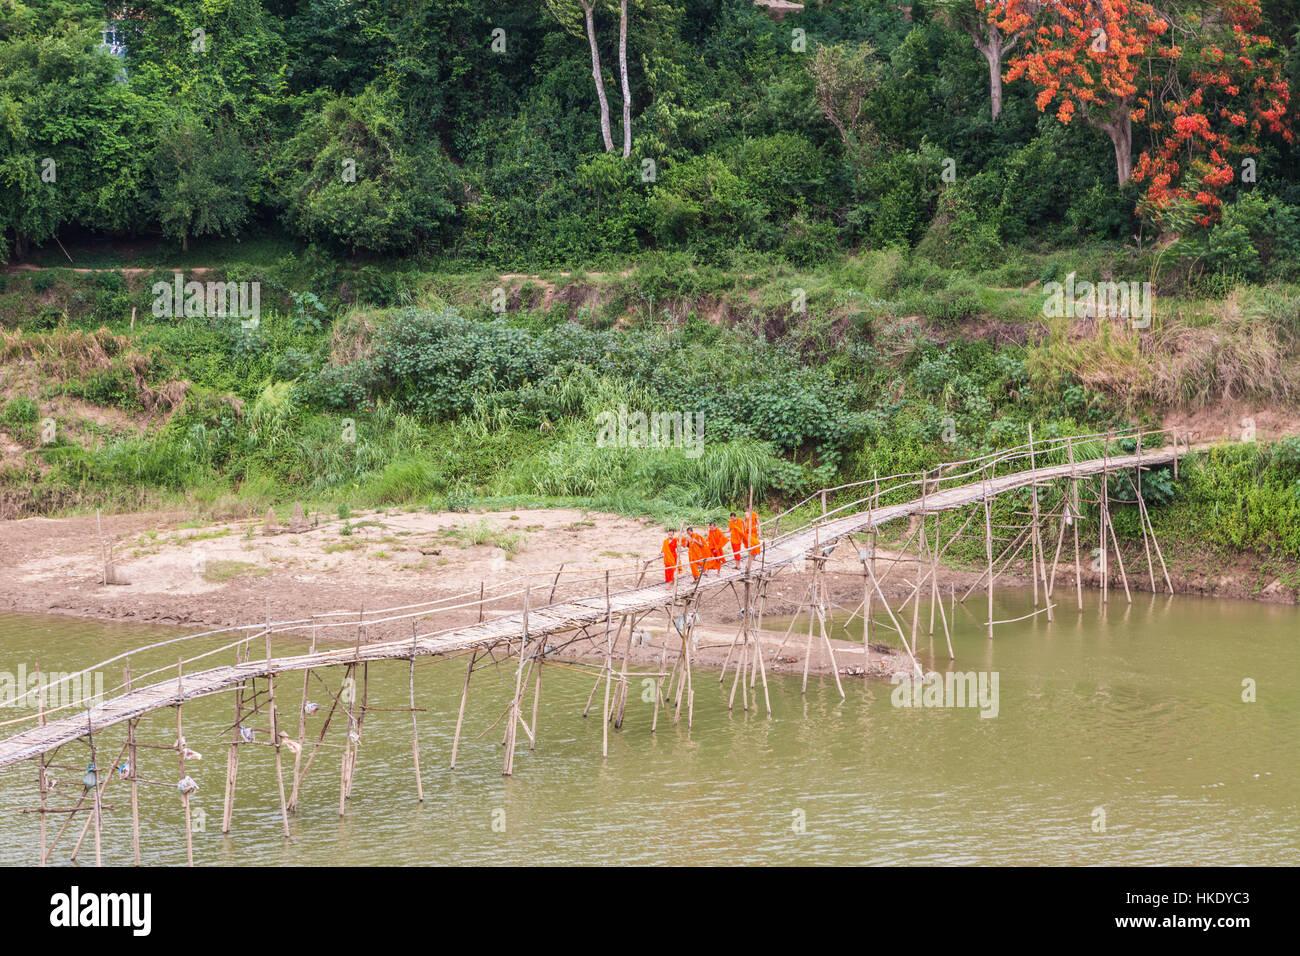 LUANG PRABANG, LAOS - 16. Mai 2015: Buddhistische Mönche eine Holzbrücke überqueren, am Fluss Nam Stockbild